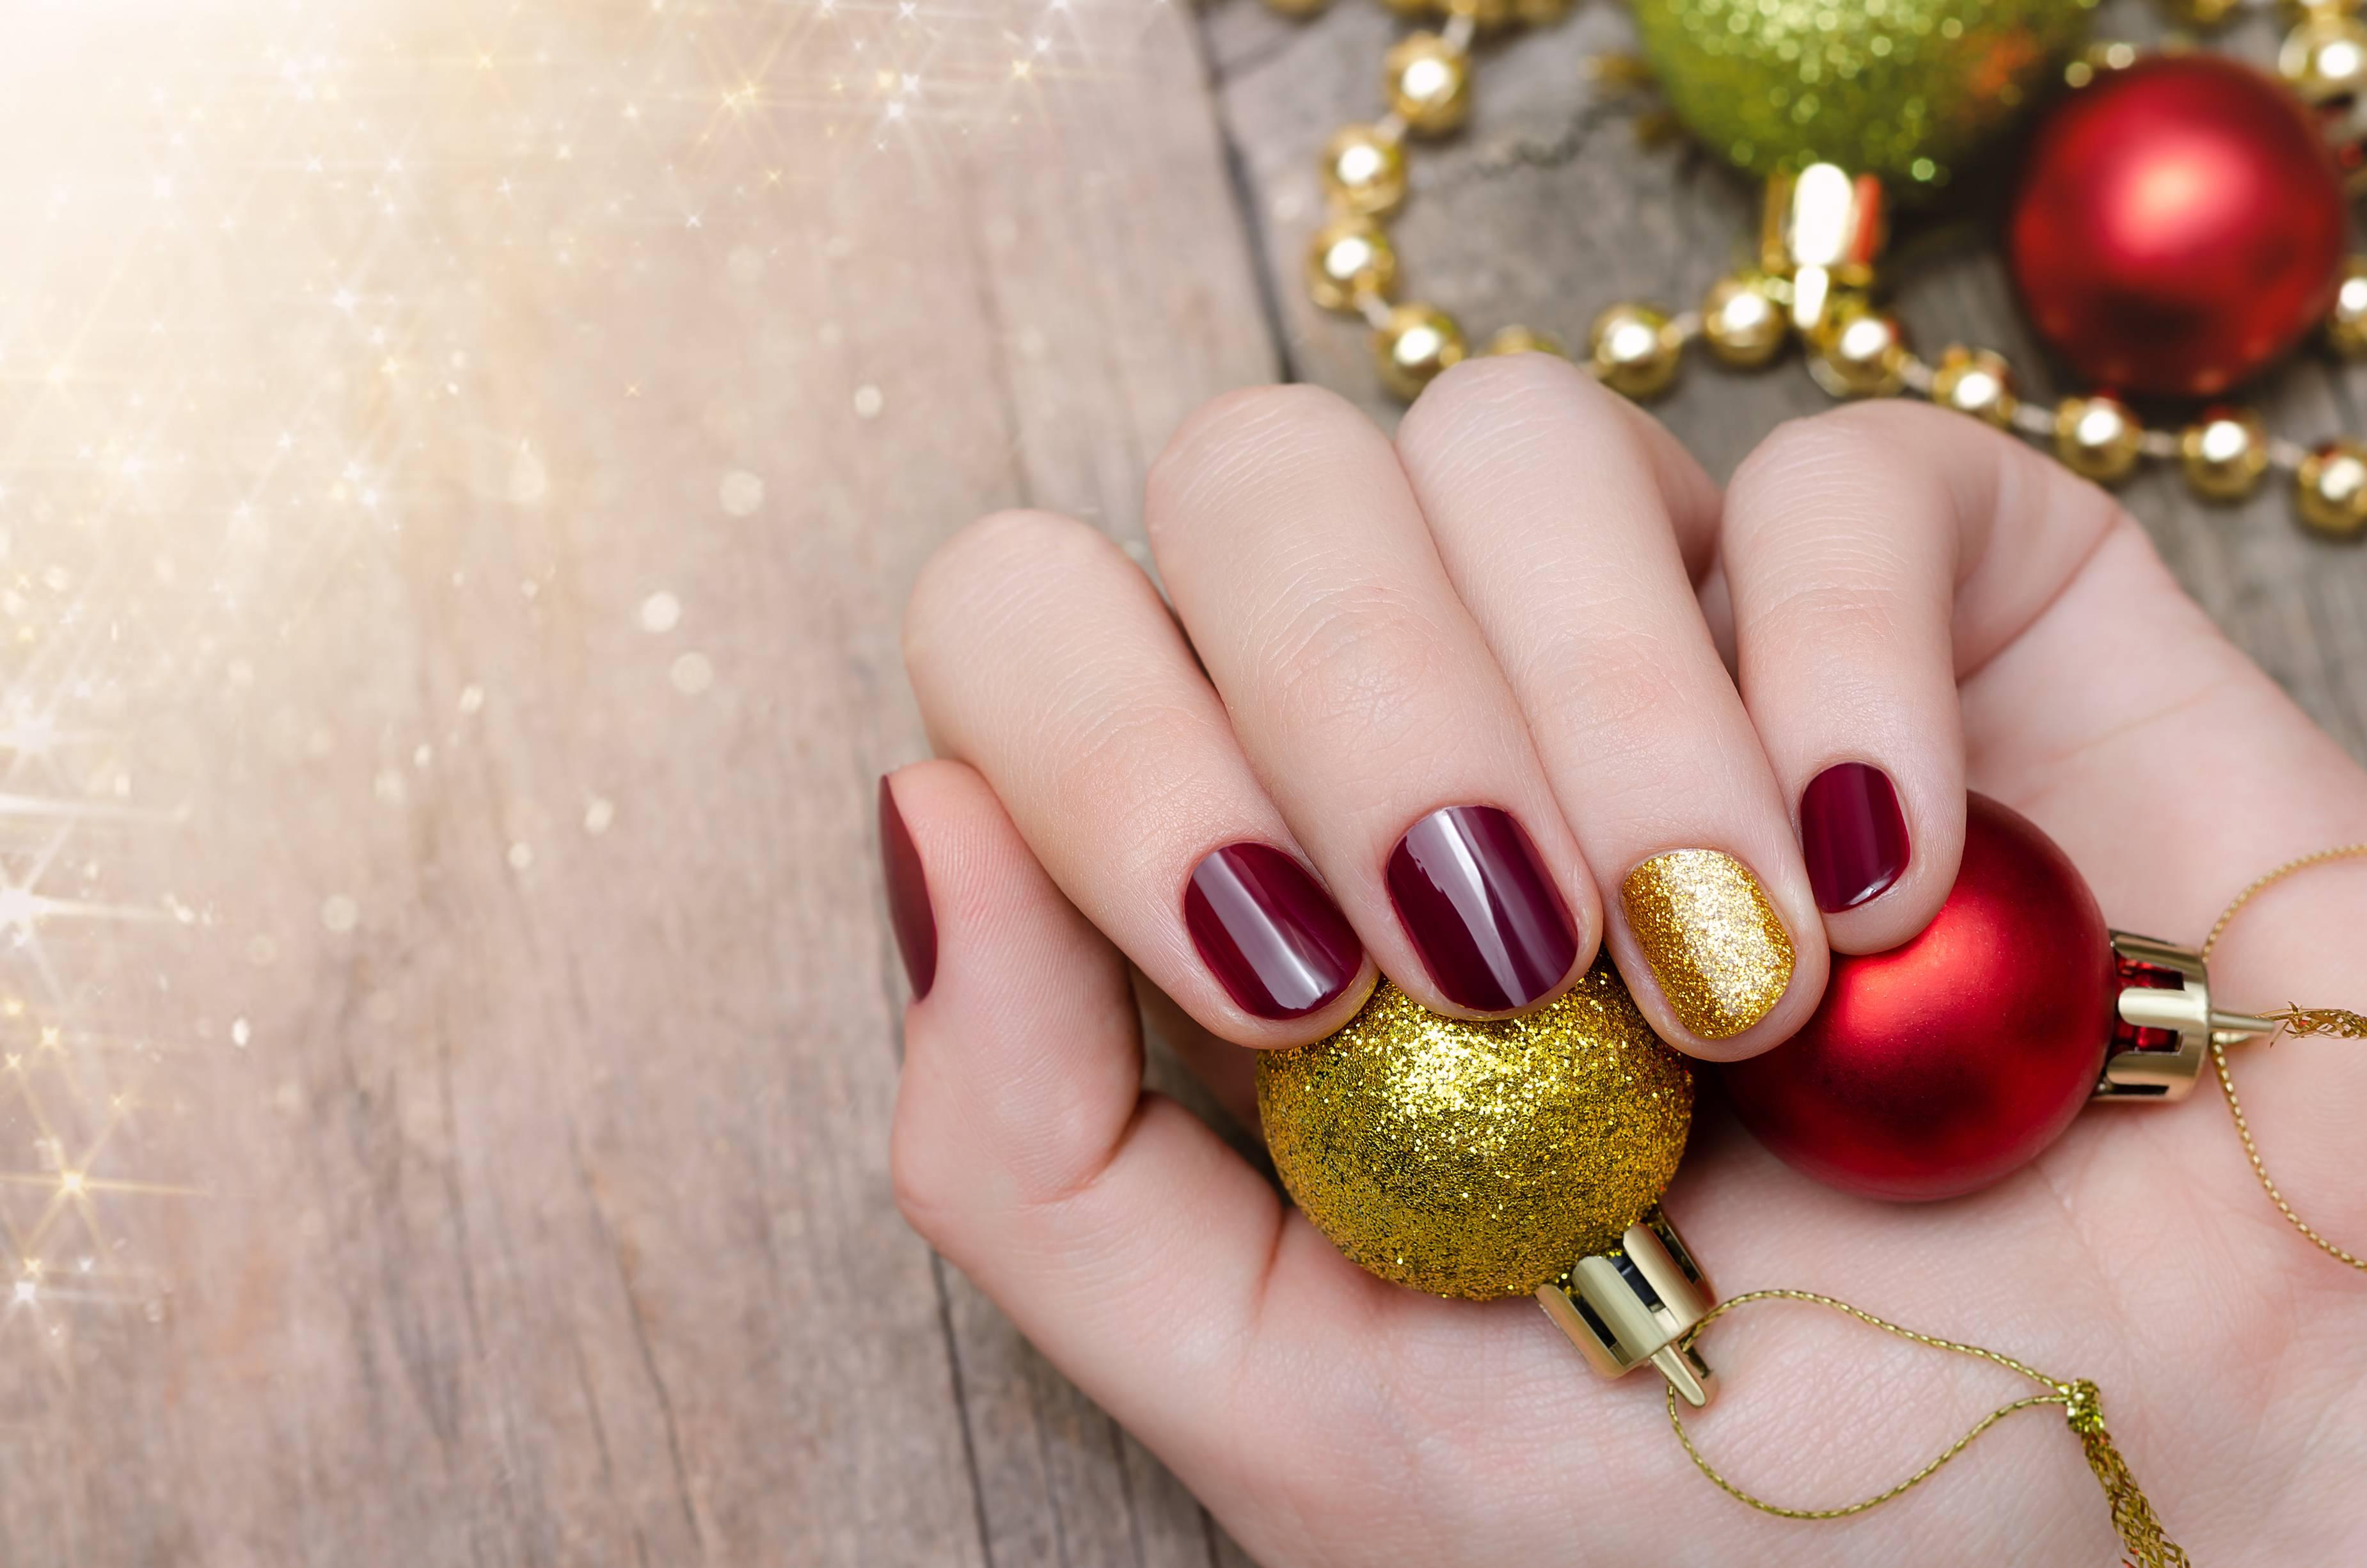 Immagini Natalizie Semplici.Unghie Natale 2018 Nail Art Natalizie Semplici Ed Eleganti